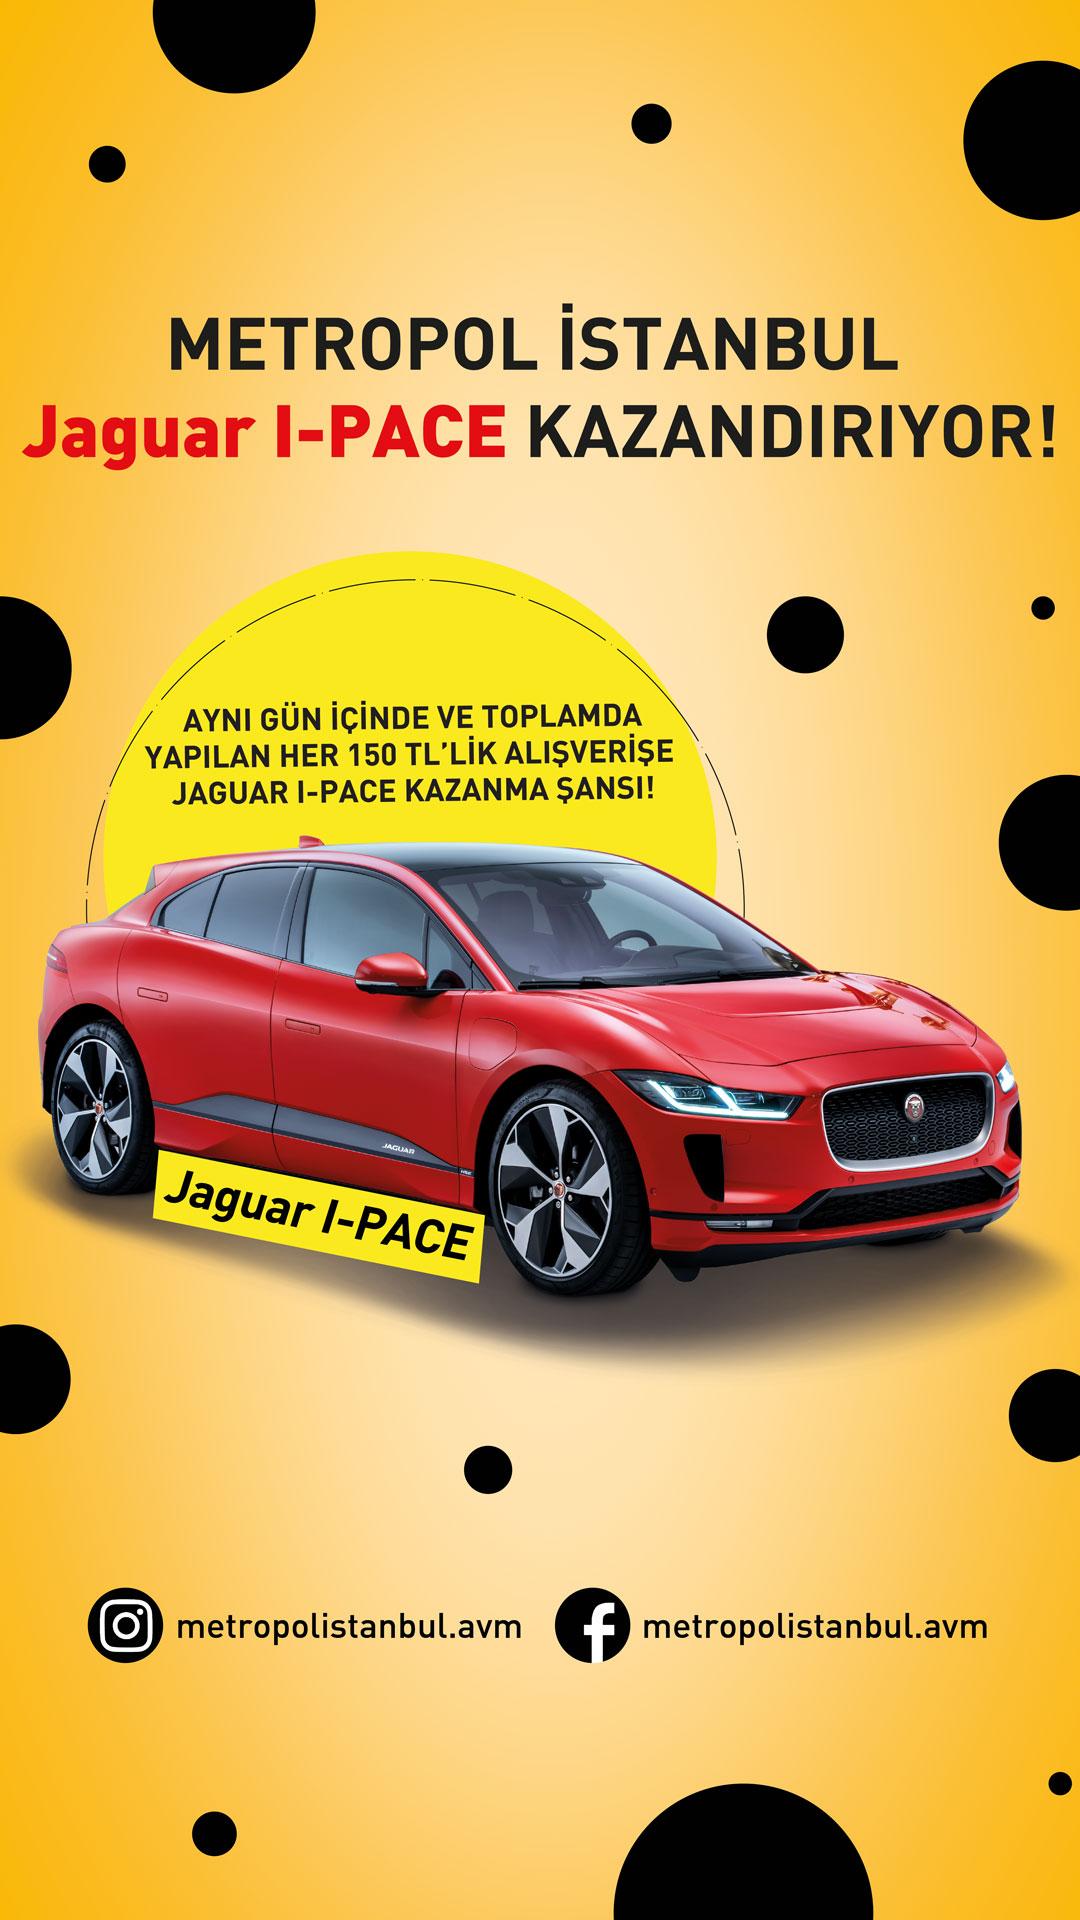 Metropol İstanbul Jaguar I-PACE kazandırıyor!